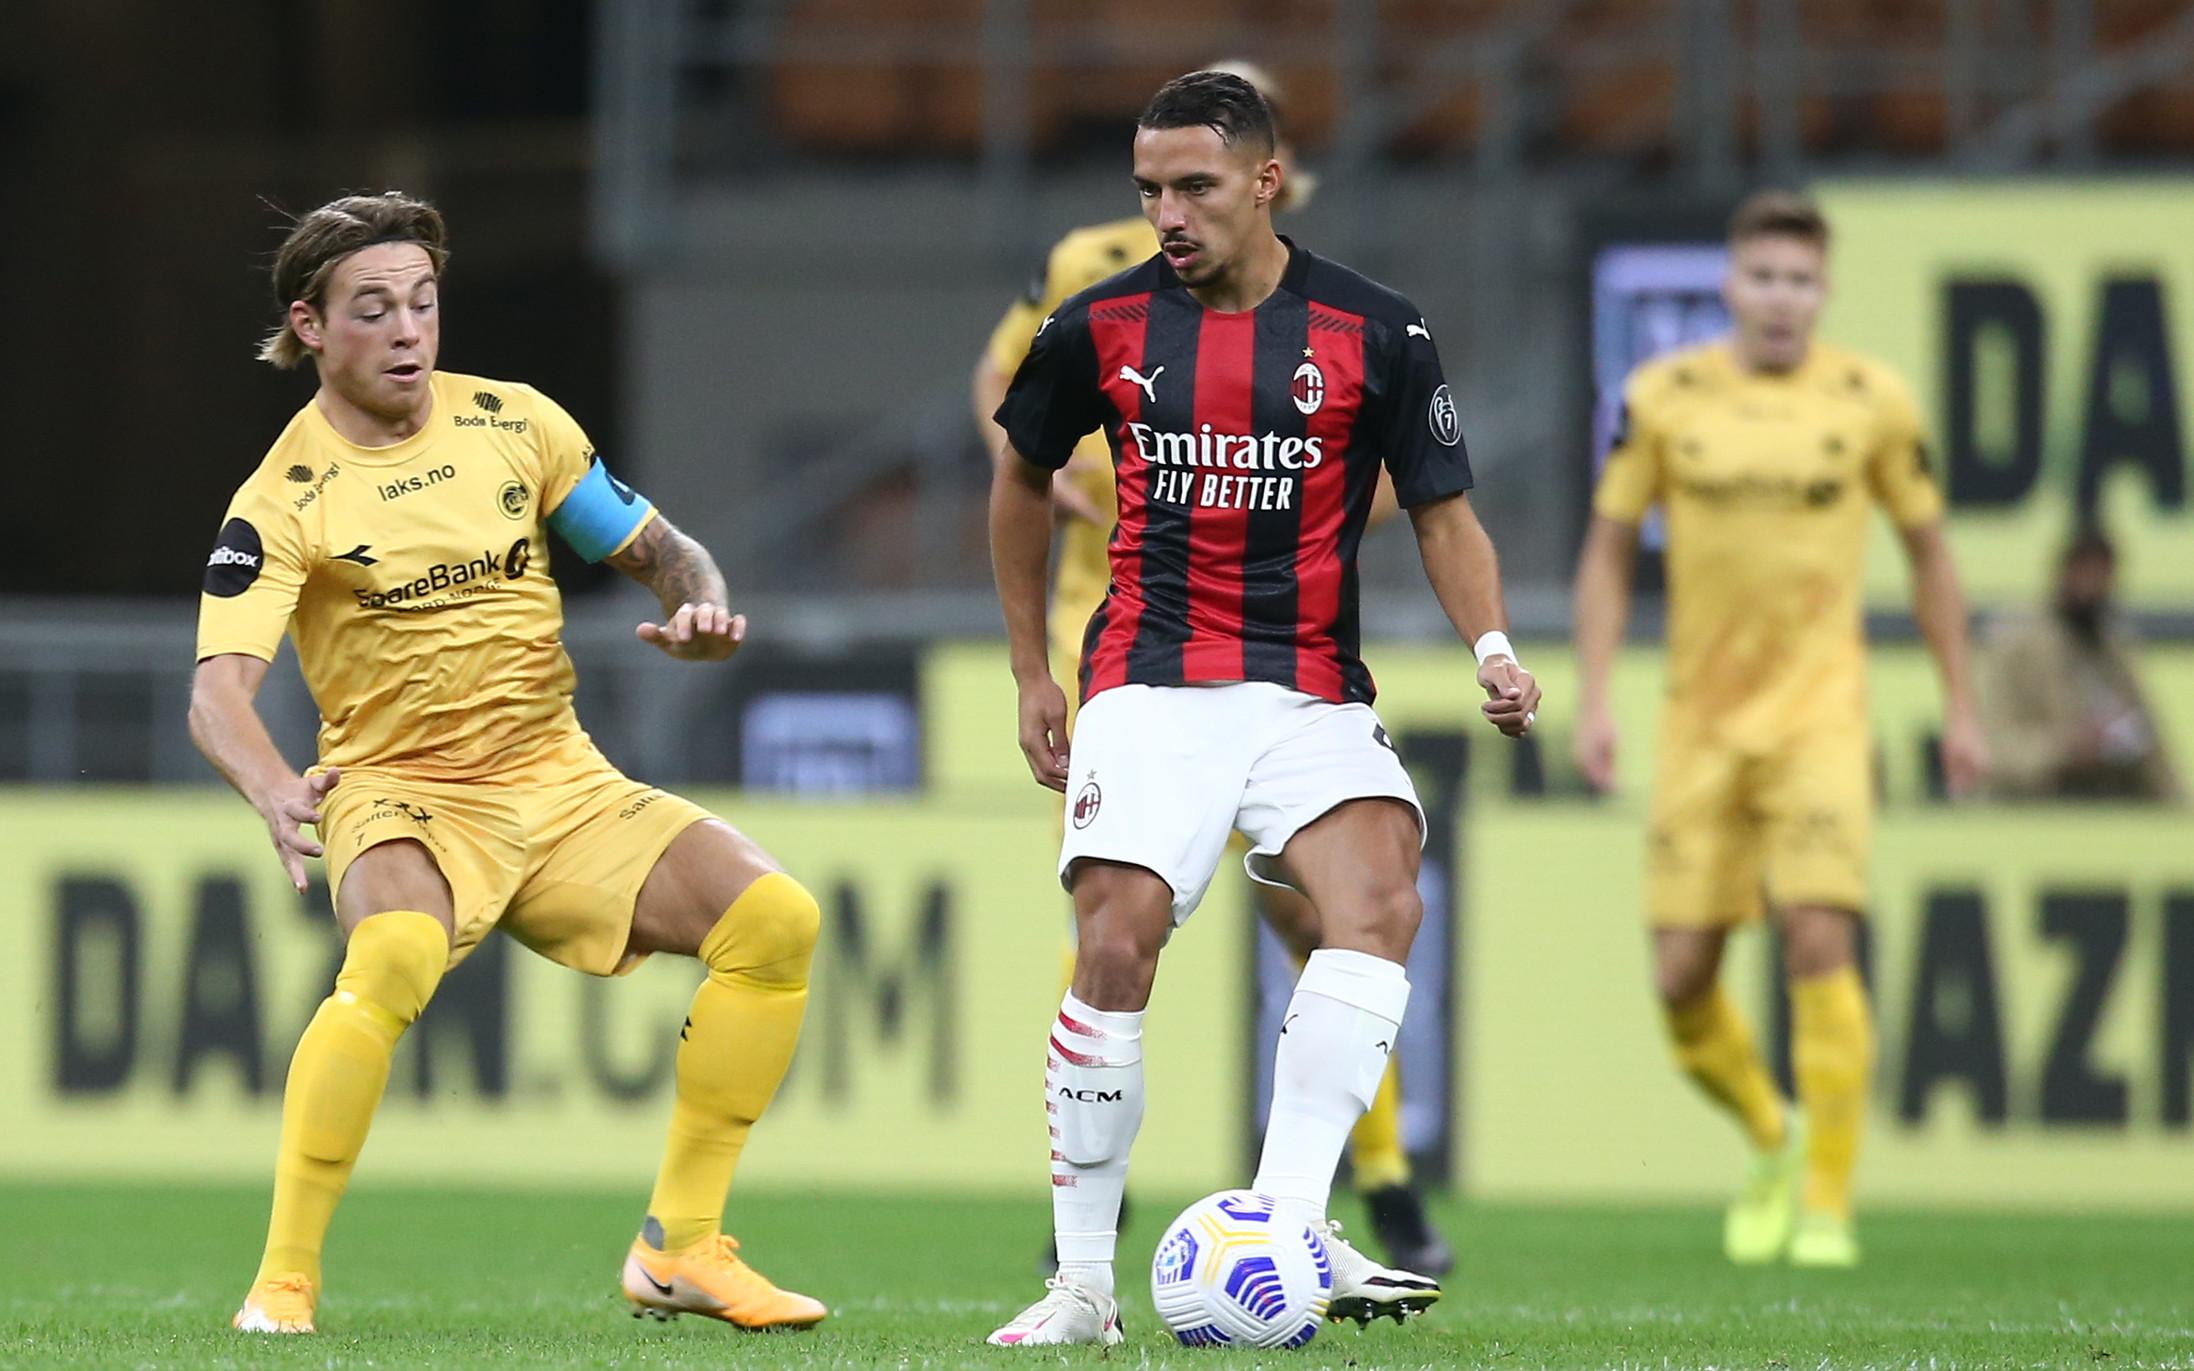 Milan-Bodo/Glimt 3-2, il match in immagini<br /><br />